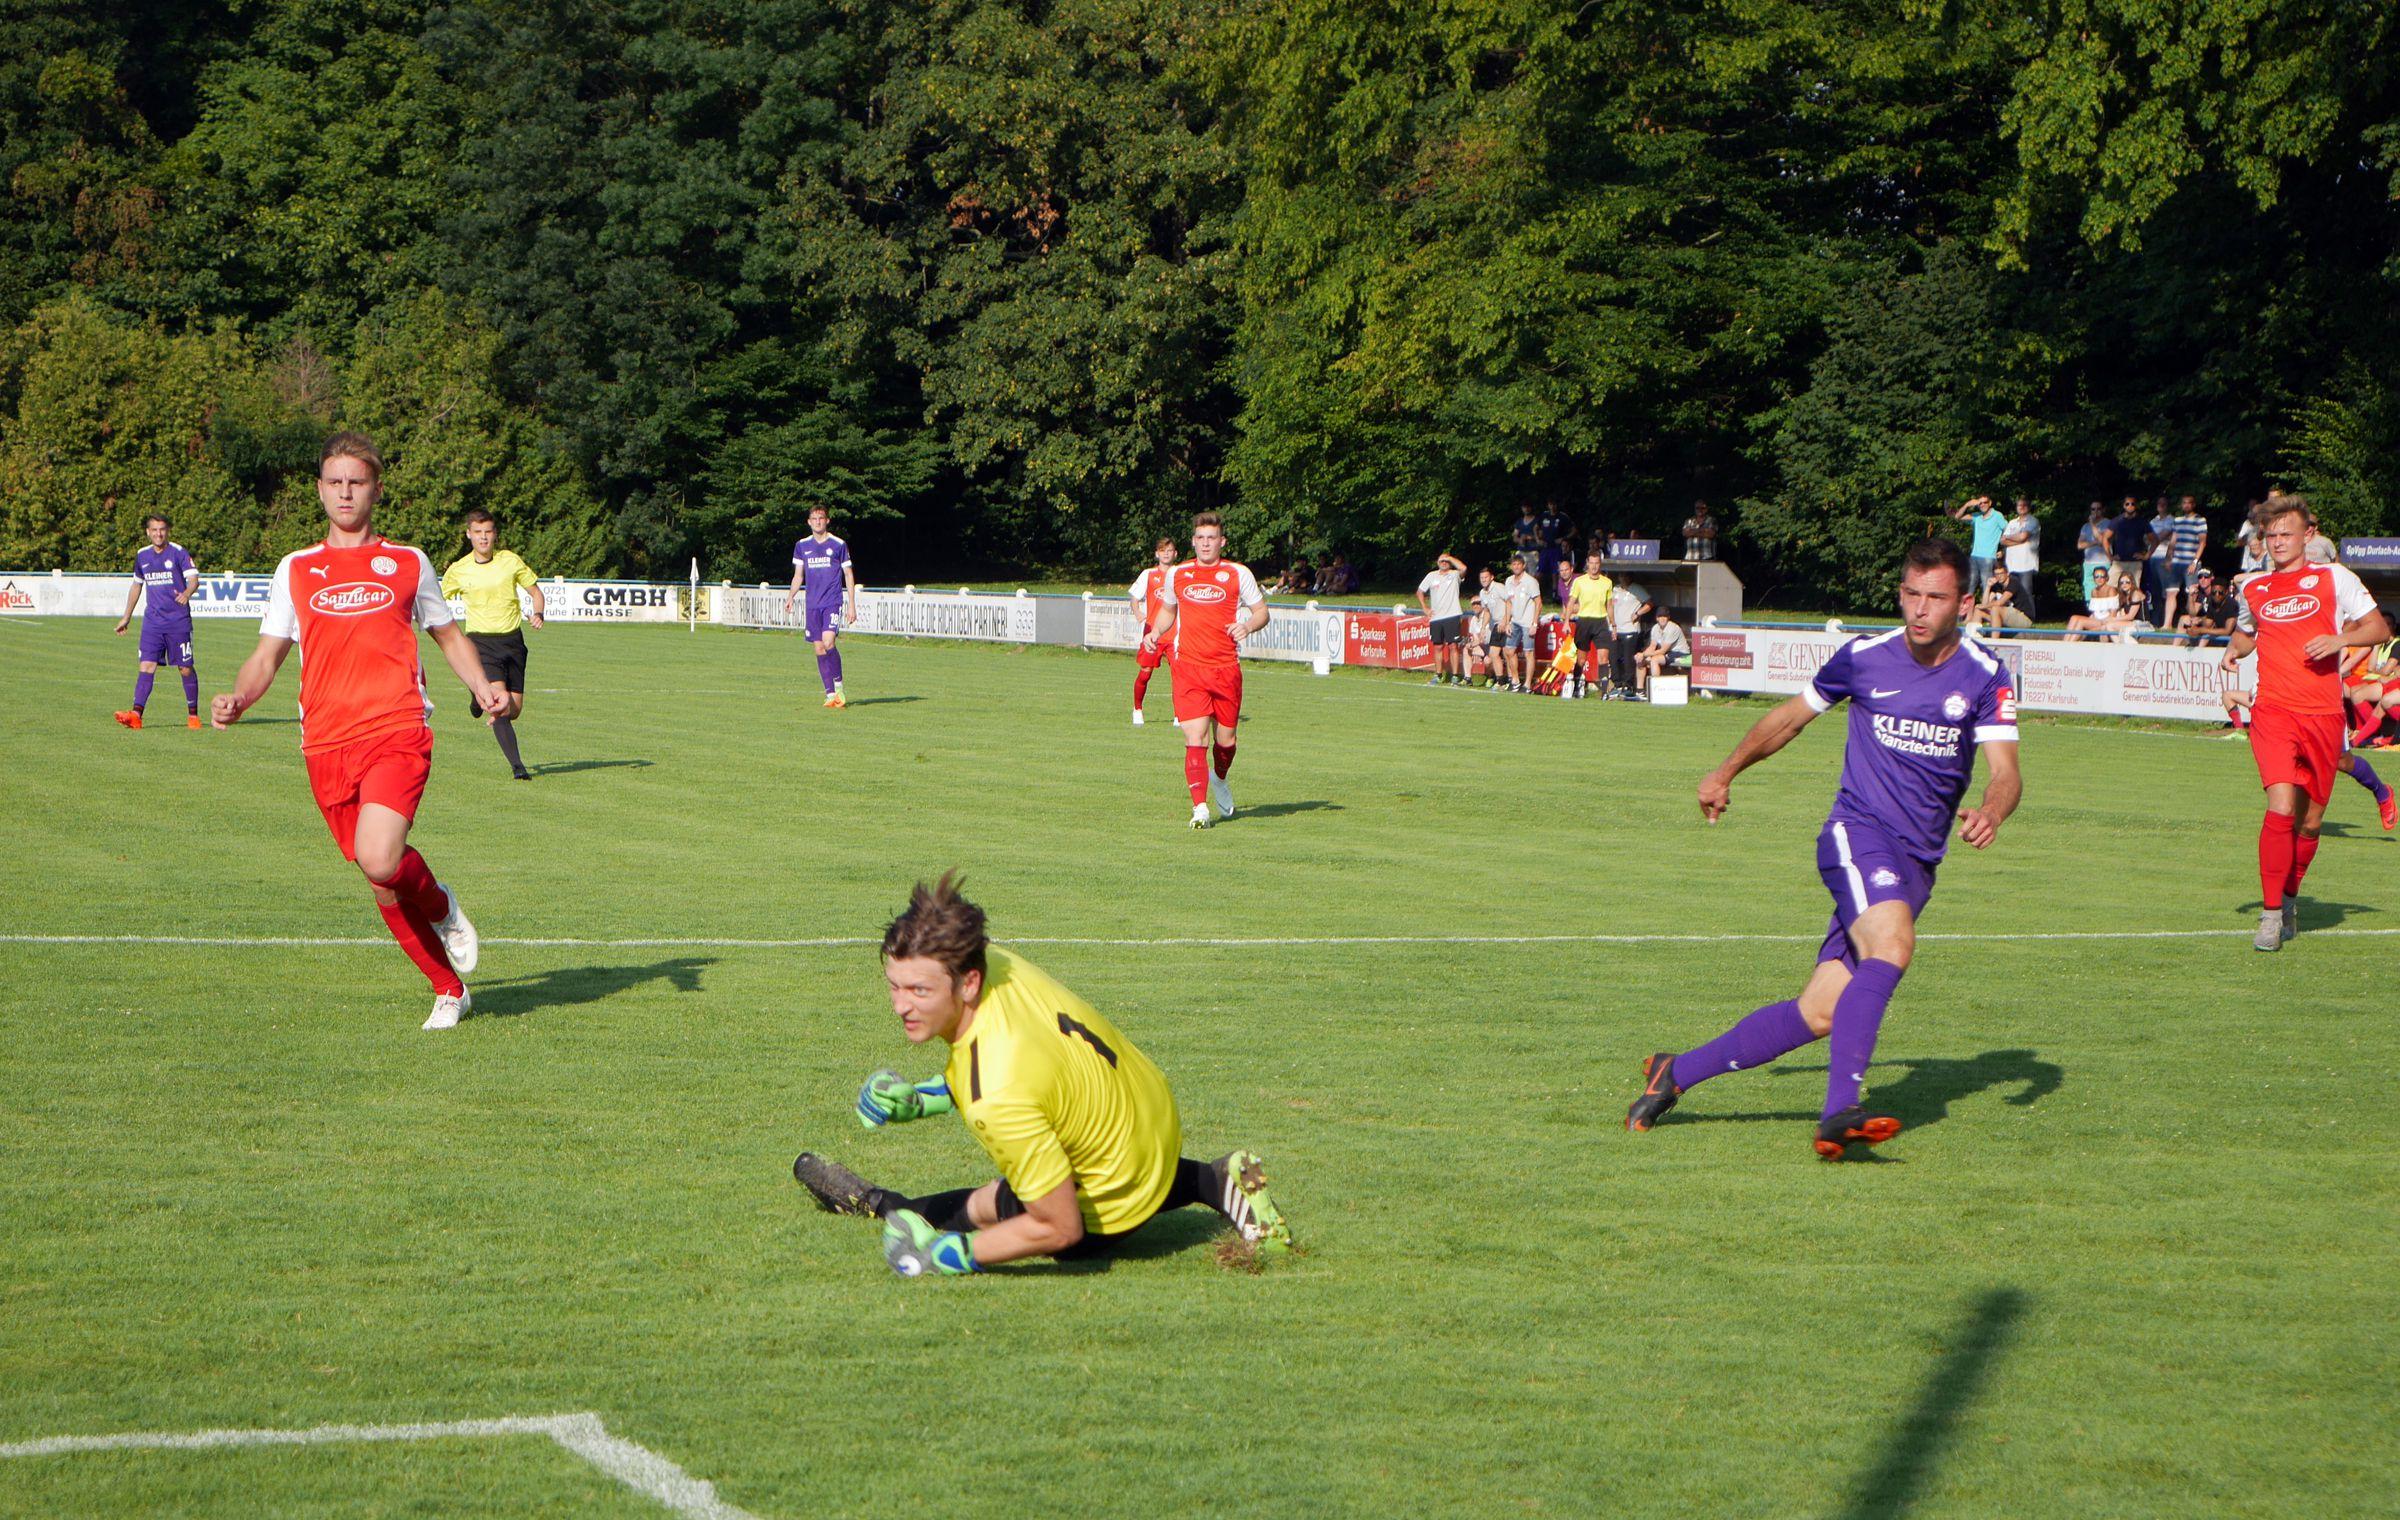 Torwart Mathias Dörrich schaut fassunglos dem Ball hinterher: Das 0:1!